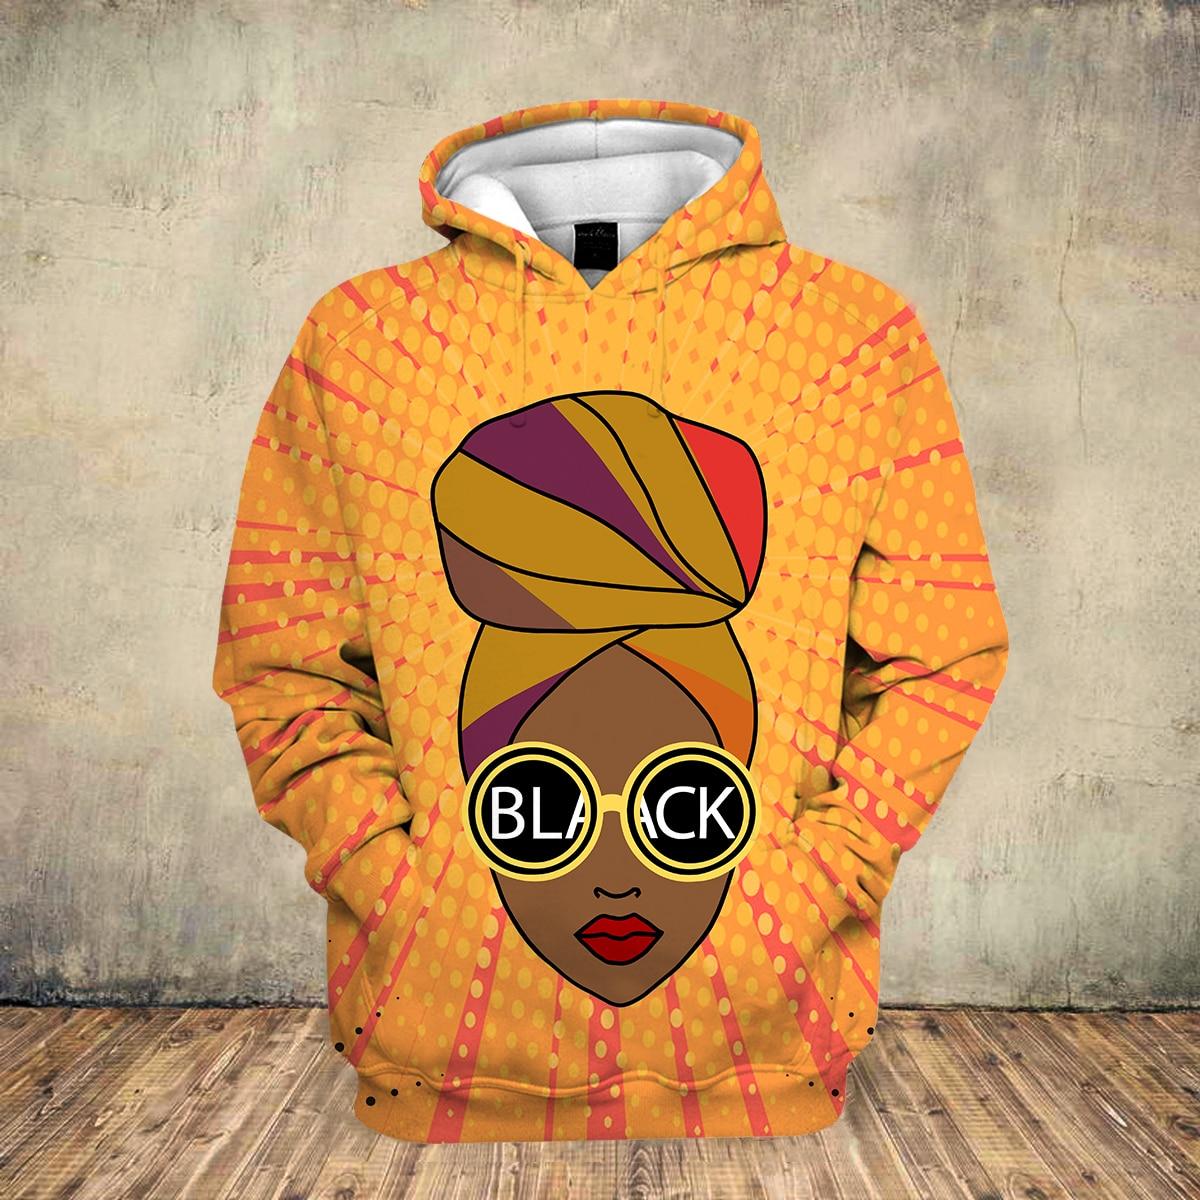 RRINSINS Men Hoodies Sweatshirt Casual Embroidery Floral Long Sleeve Pullover Top